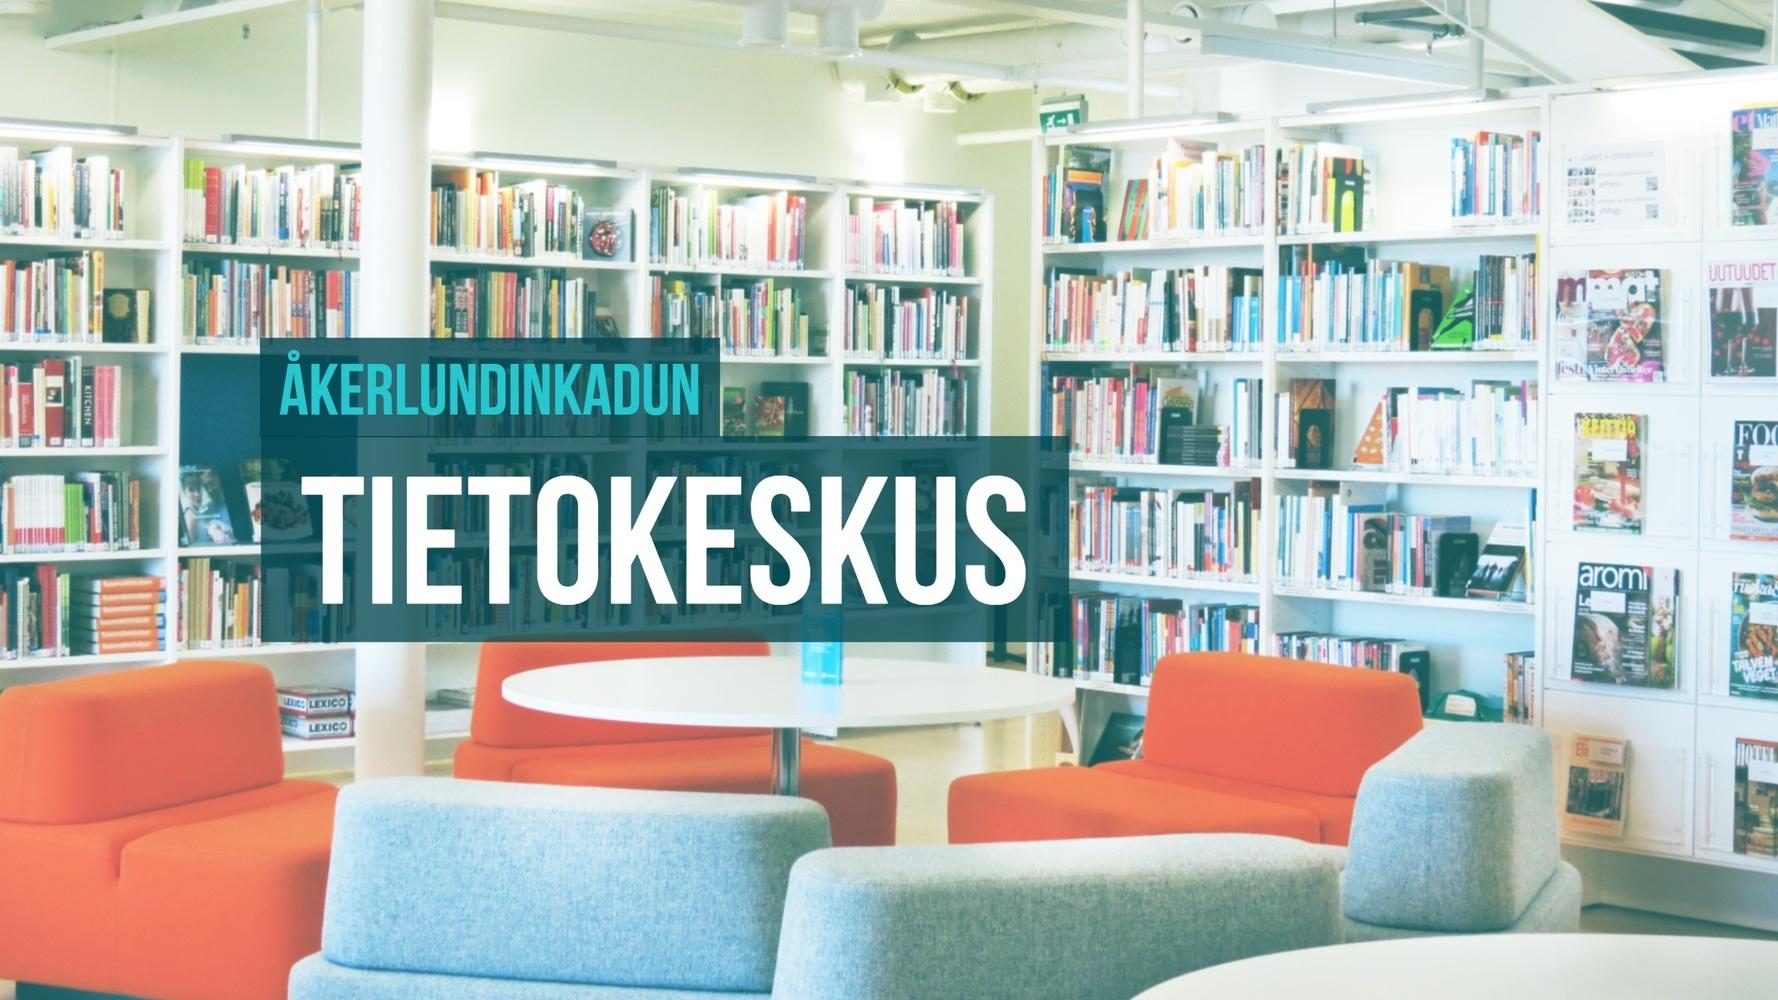 Åkerlundinkadun tietokeskus (TOKI-kirjastot)